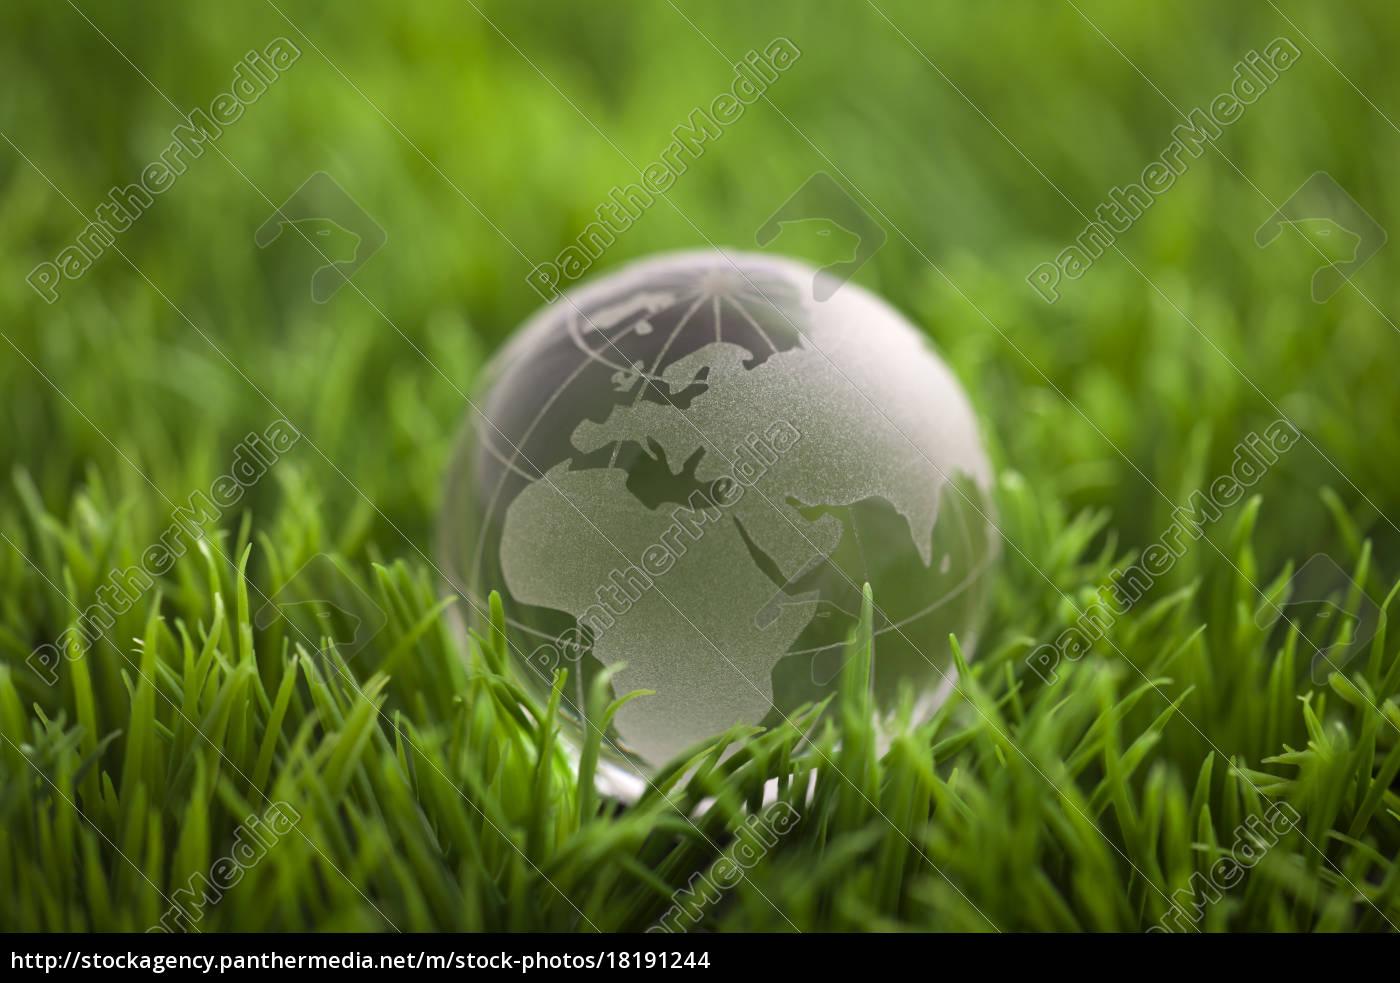 kristallkugel, auf, grünem, gras., weltumweltkonzept. - 18191244